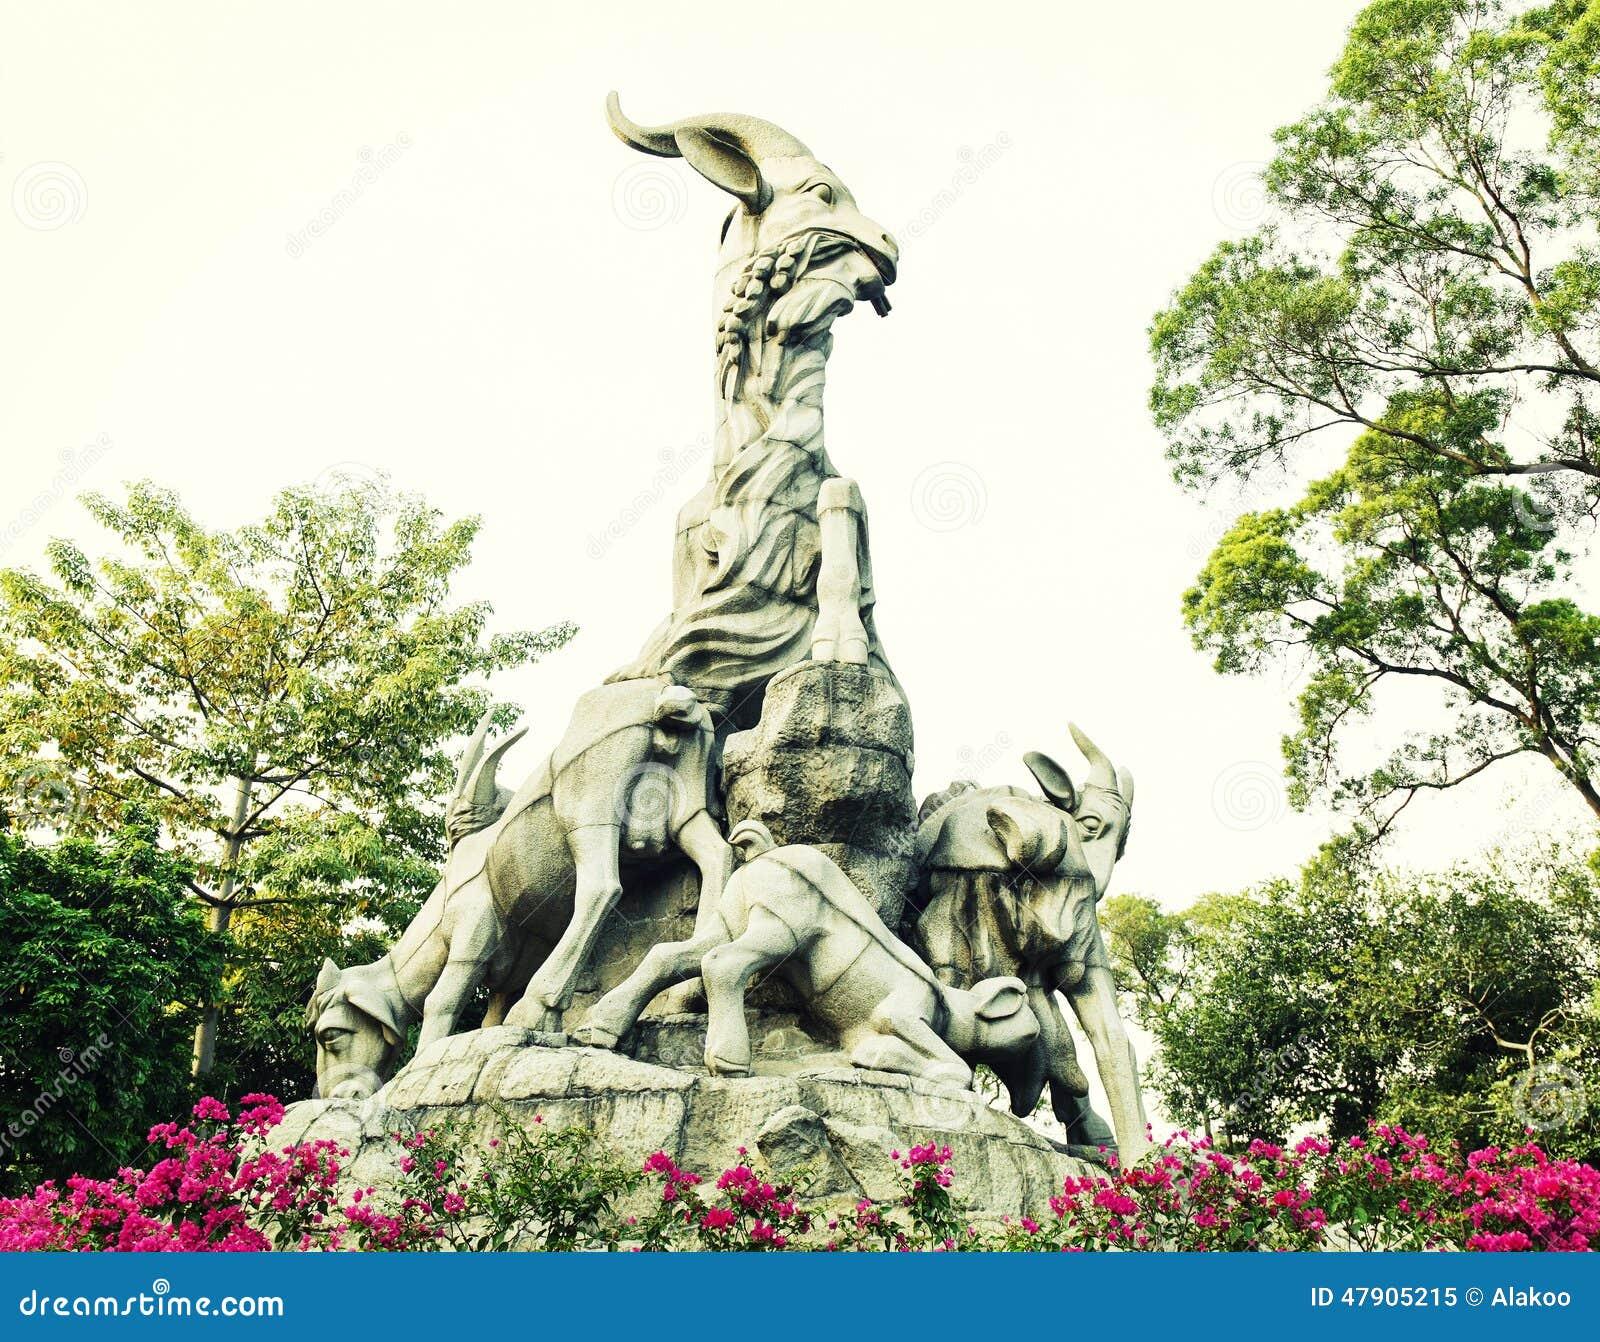 Symbole de la ville de Guangzhou, point de repère de Guangzhou, statue de cinq chèvres